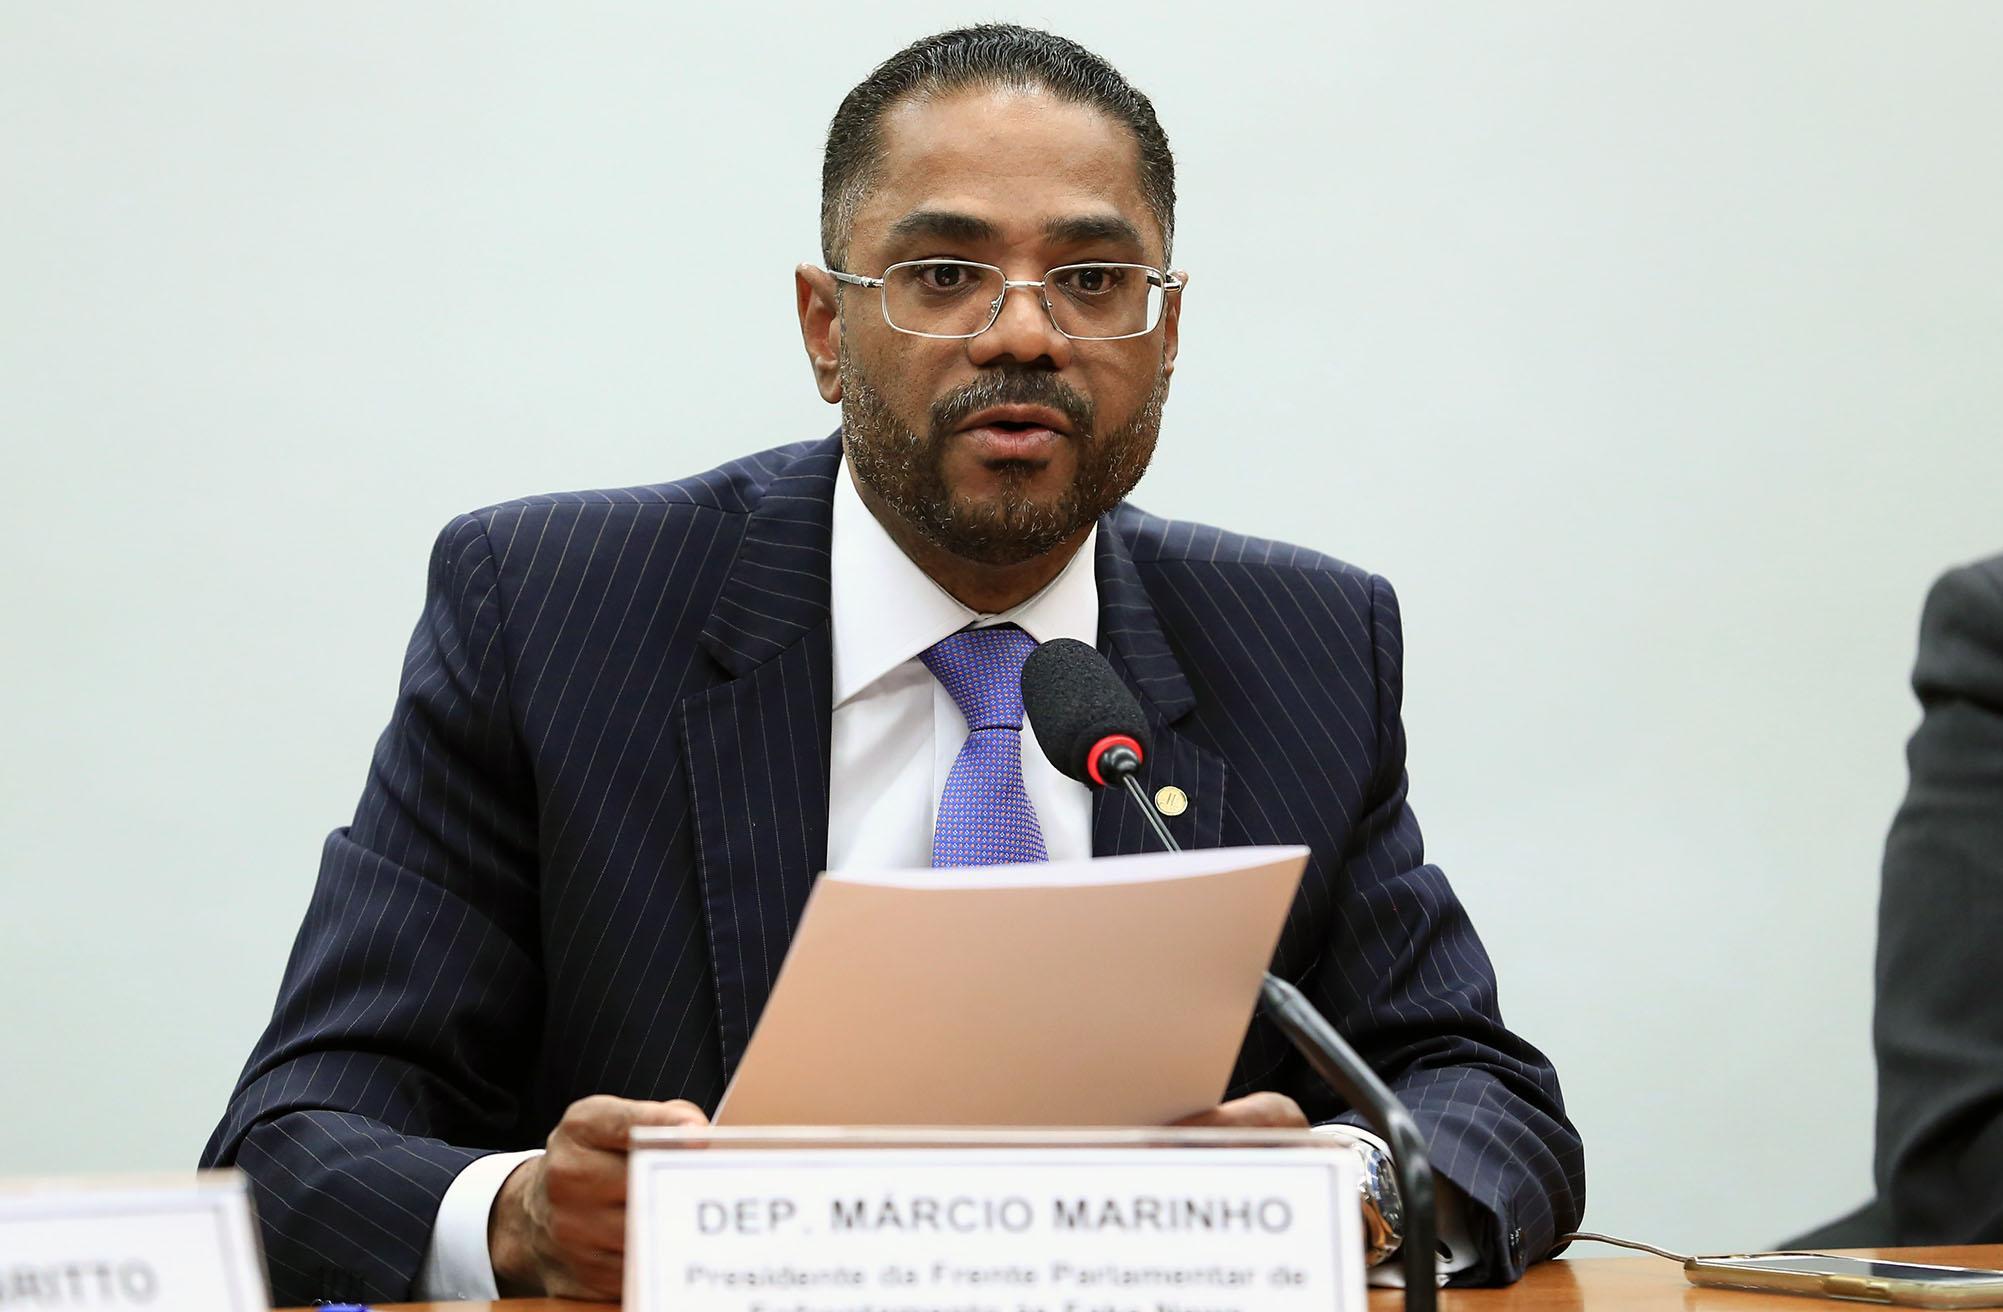 1ª Reunião de trabalho da Frente. Dep. Márcio Marinho (PRB - BA)